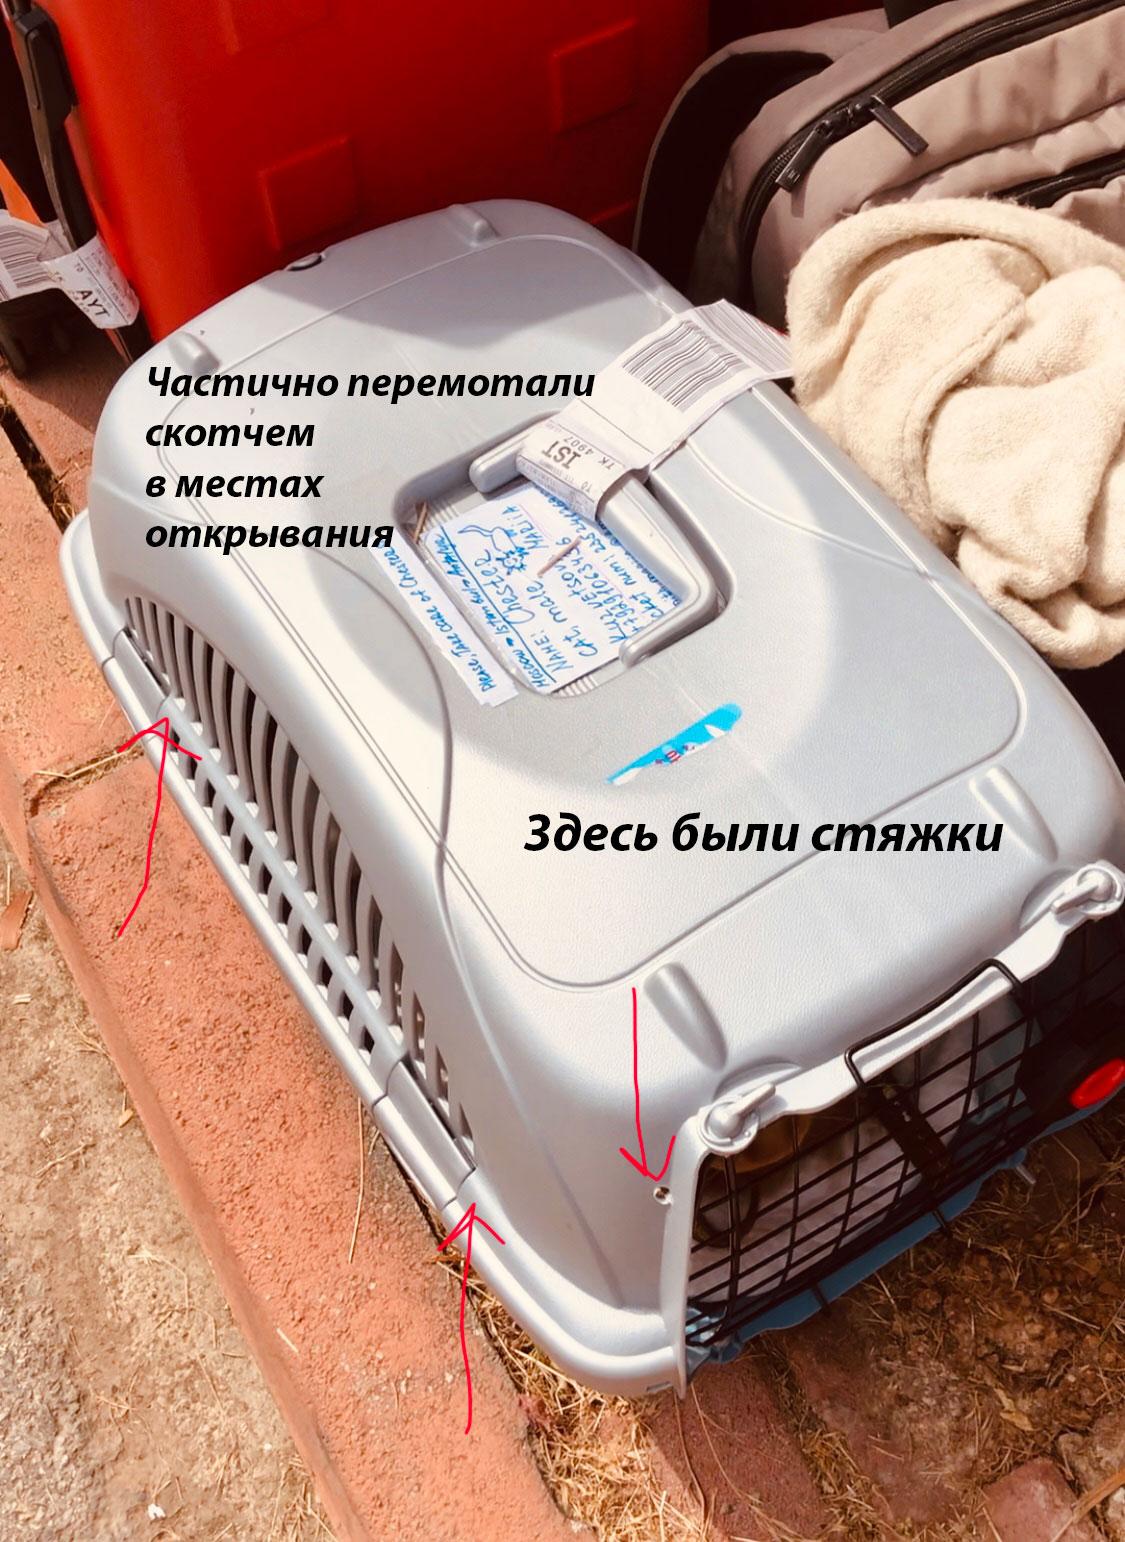 Перелет с котом в багажном отделении Turkish Airlines